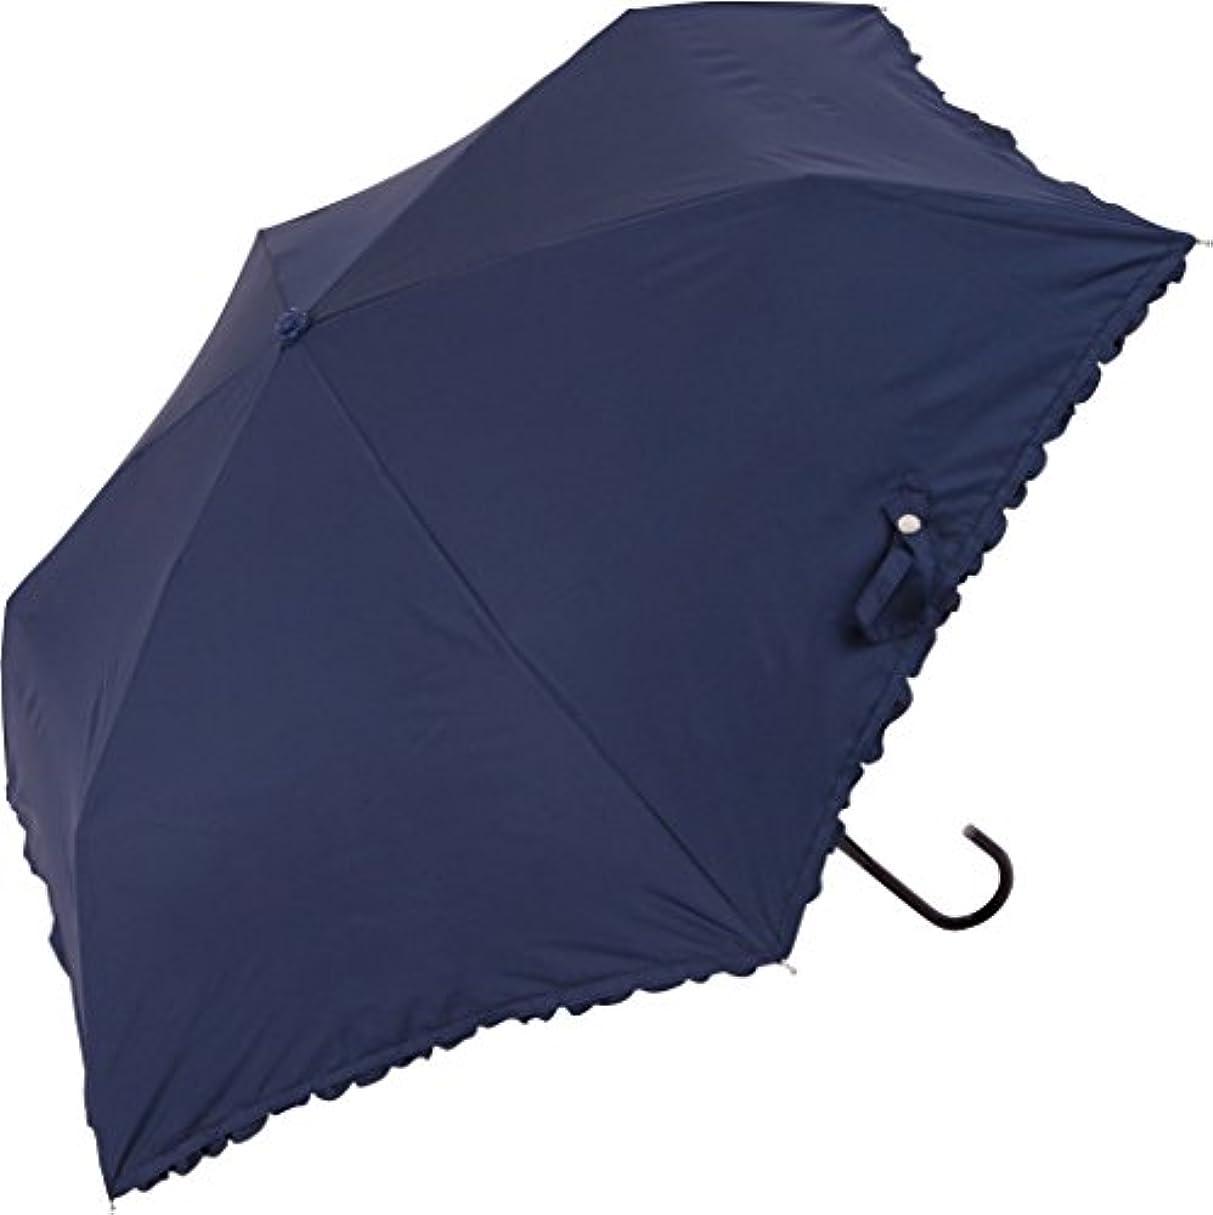 絞る獣可聴because(ビコーズ) 折りたたみ傘 手開き 日傘/晴雨兼用傘 遮光 遮熱 フリル 全3色 ネイビー 6本骨 47cm UVカット 95%以上 軽量 BE-09719